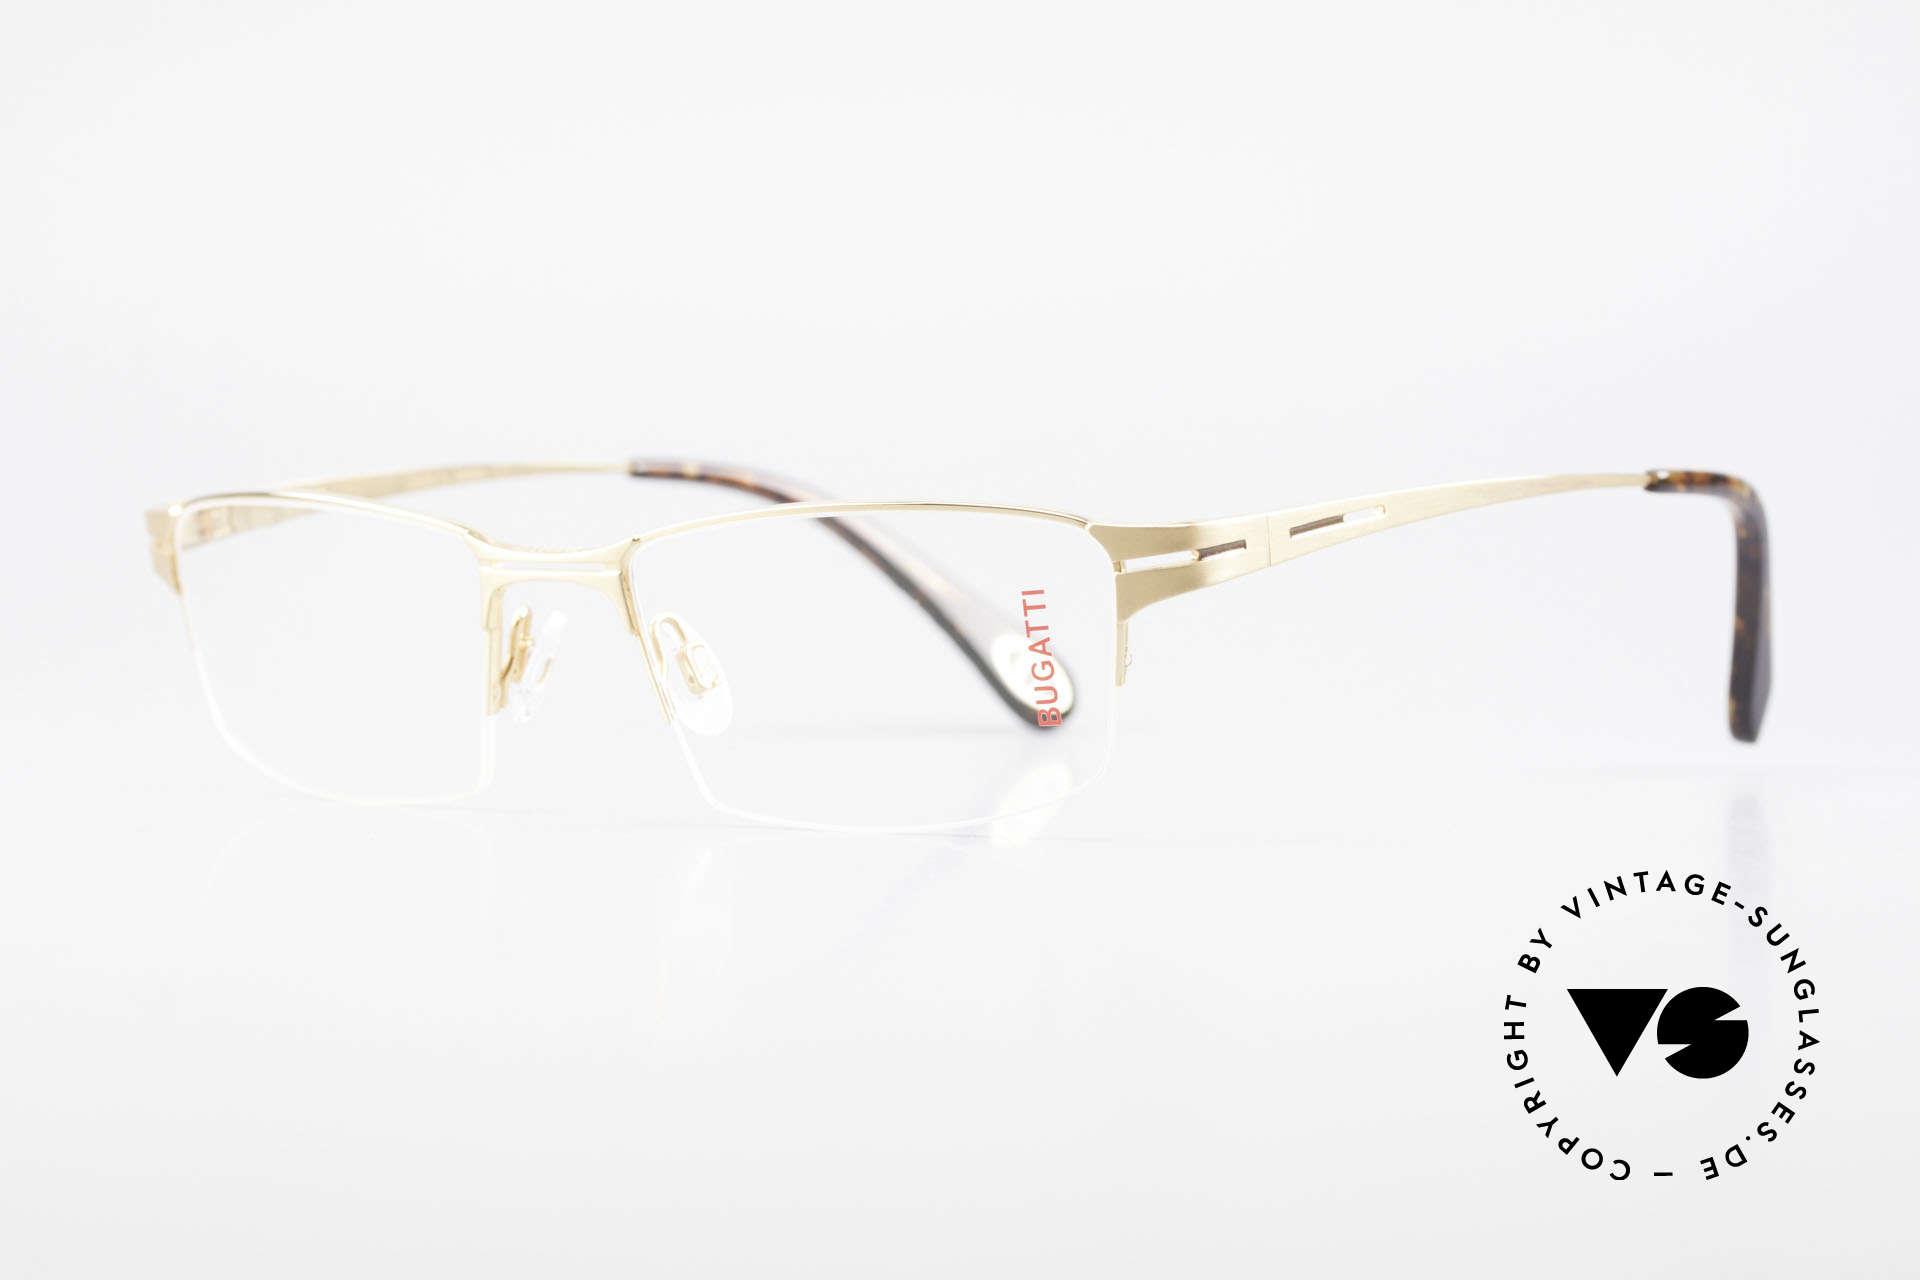 Bugatti 456 Nylor Titan Brille Vergoldet, Nylor-Faden als Glas-Halterung (nur 19g total), Passend für Herren